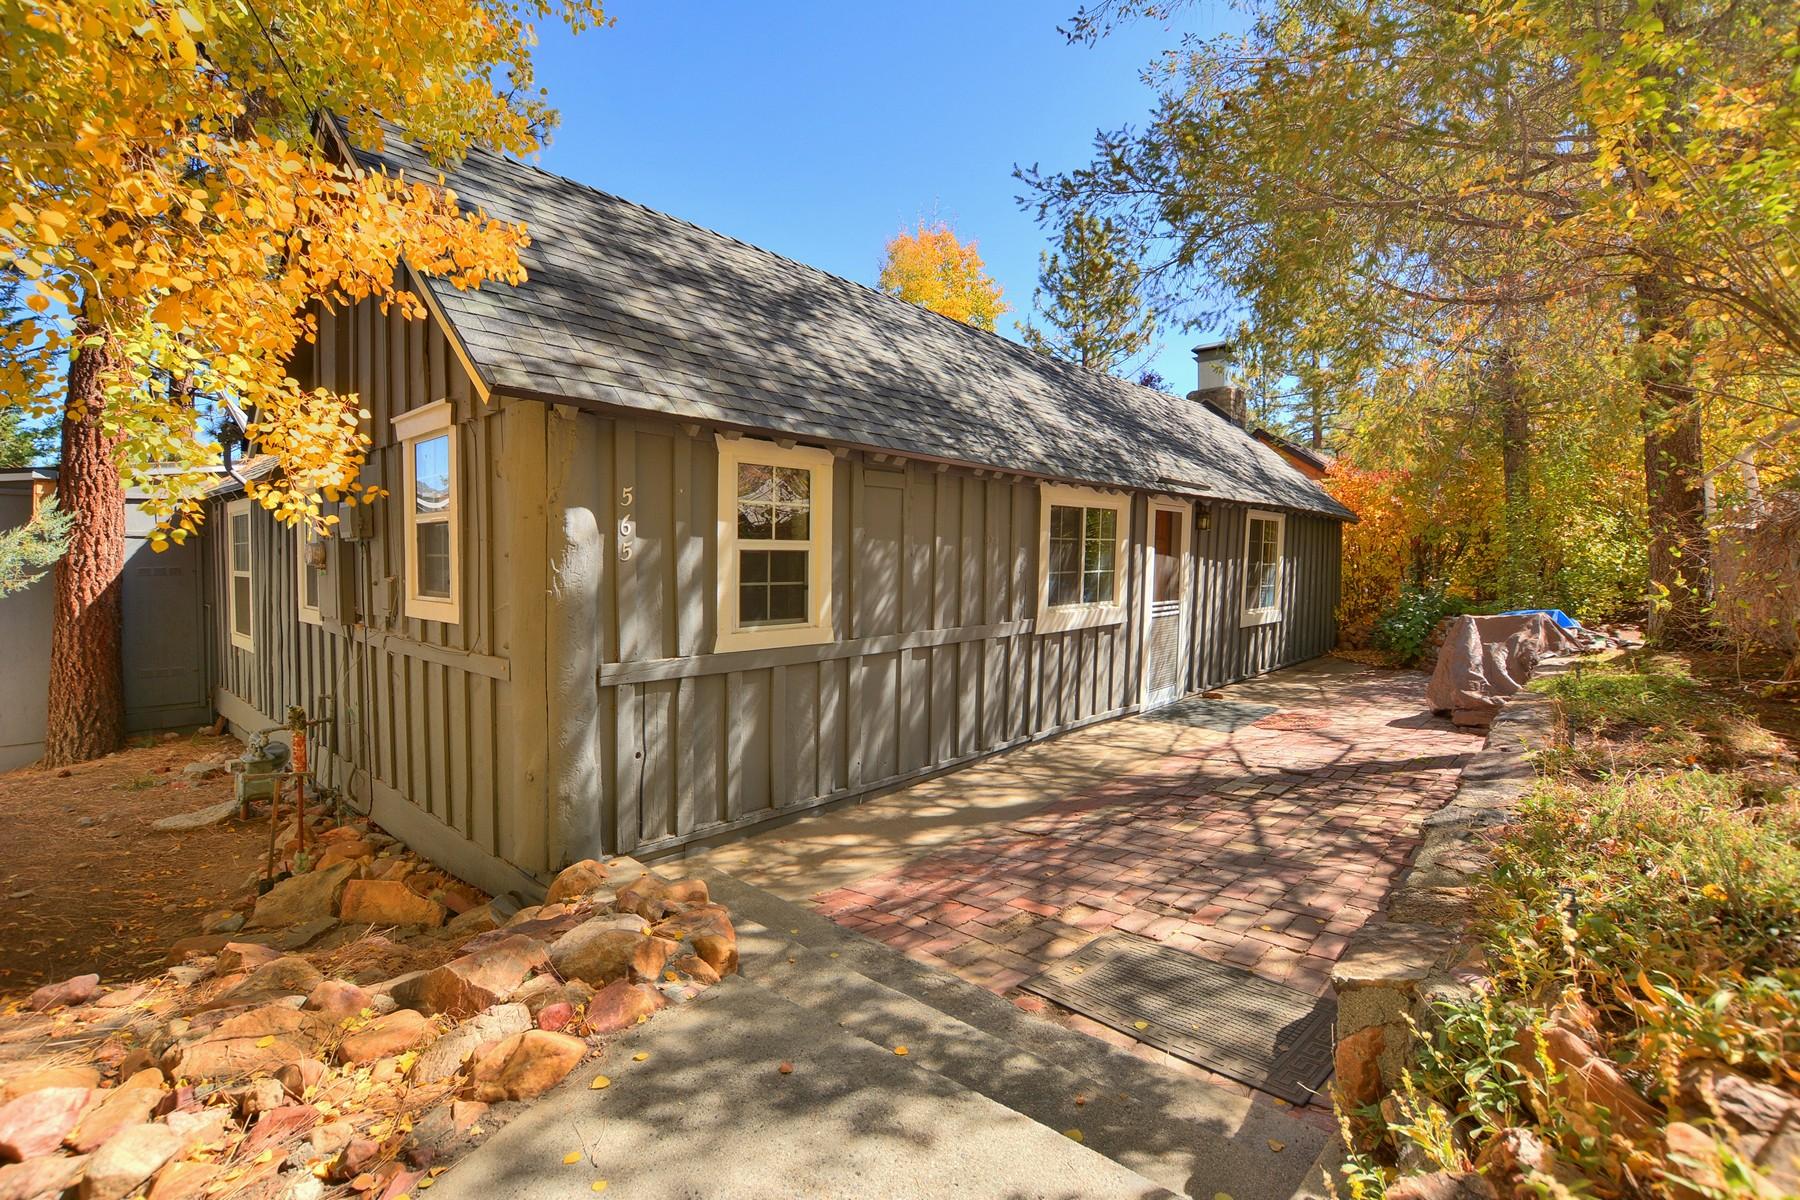 独户住宅 为 销售 在 565 Talmadge Road 大熊湖, 加利福尼亚州, 92315 美国